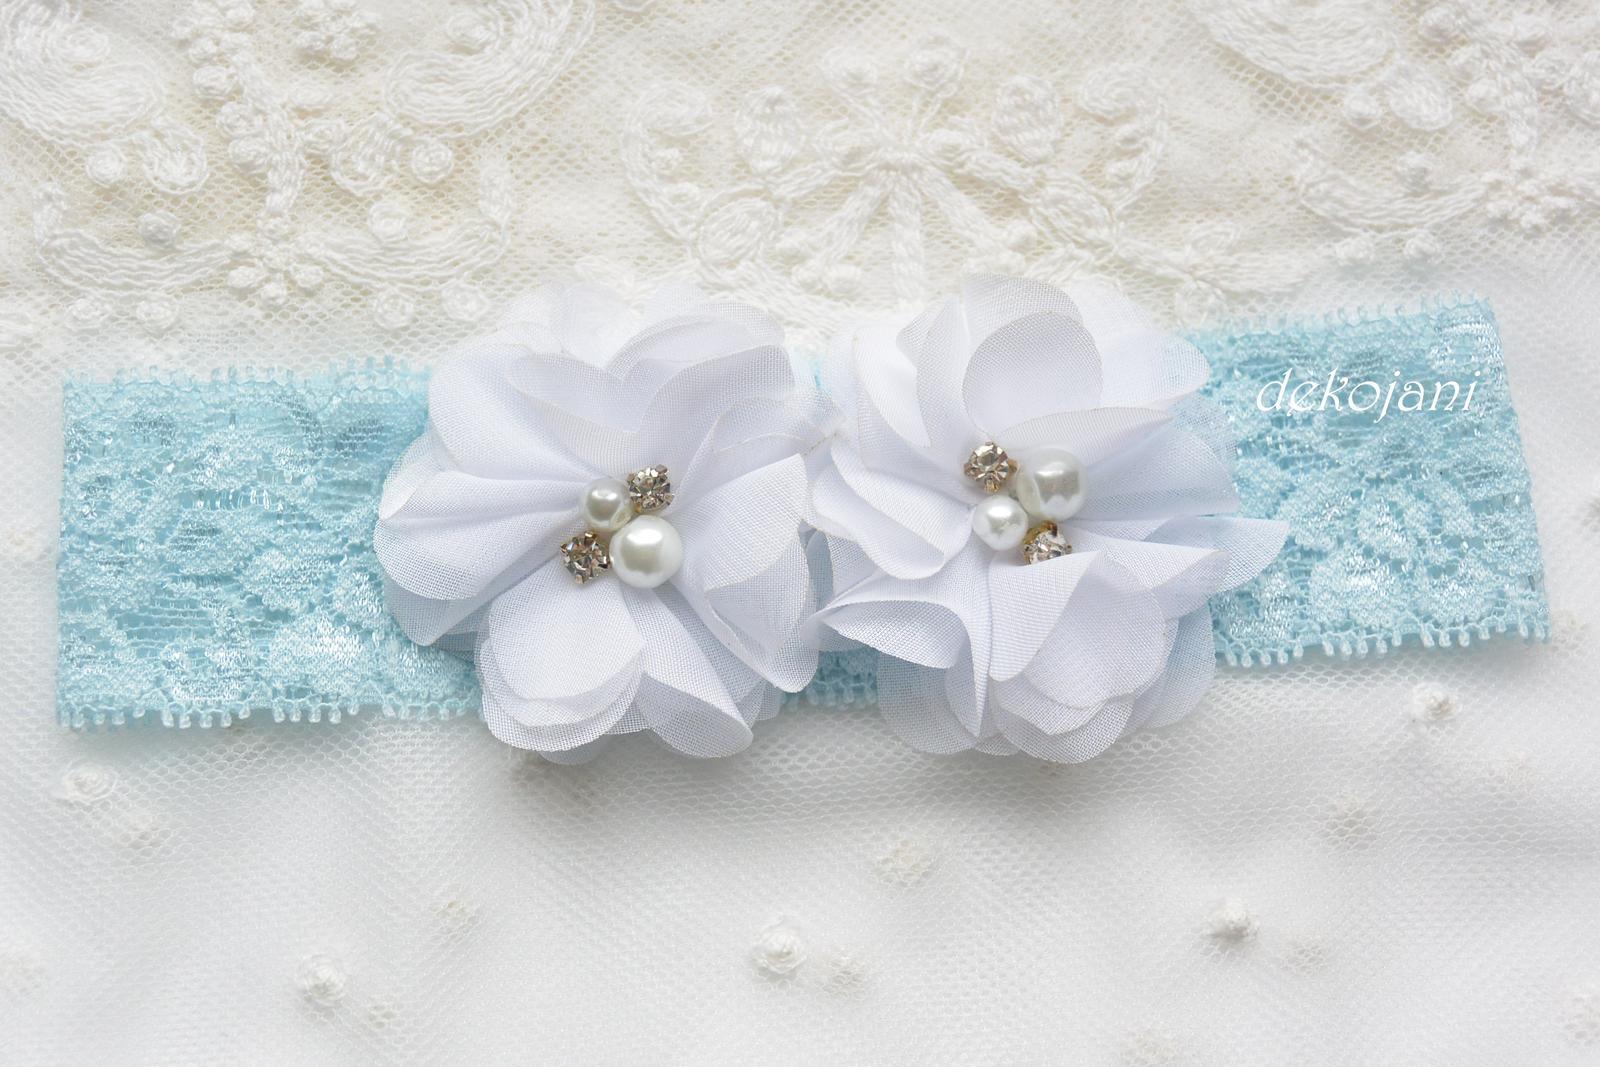 Luxusní svatební doplňky a dekorace. - Obrázek č. 34